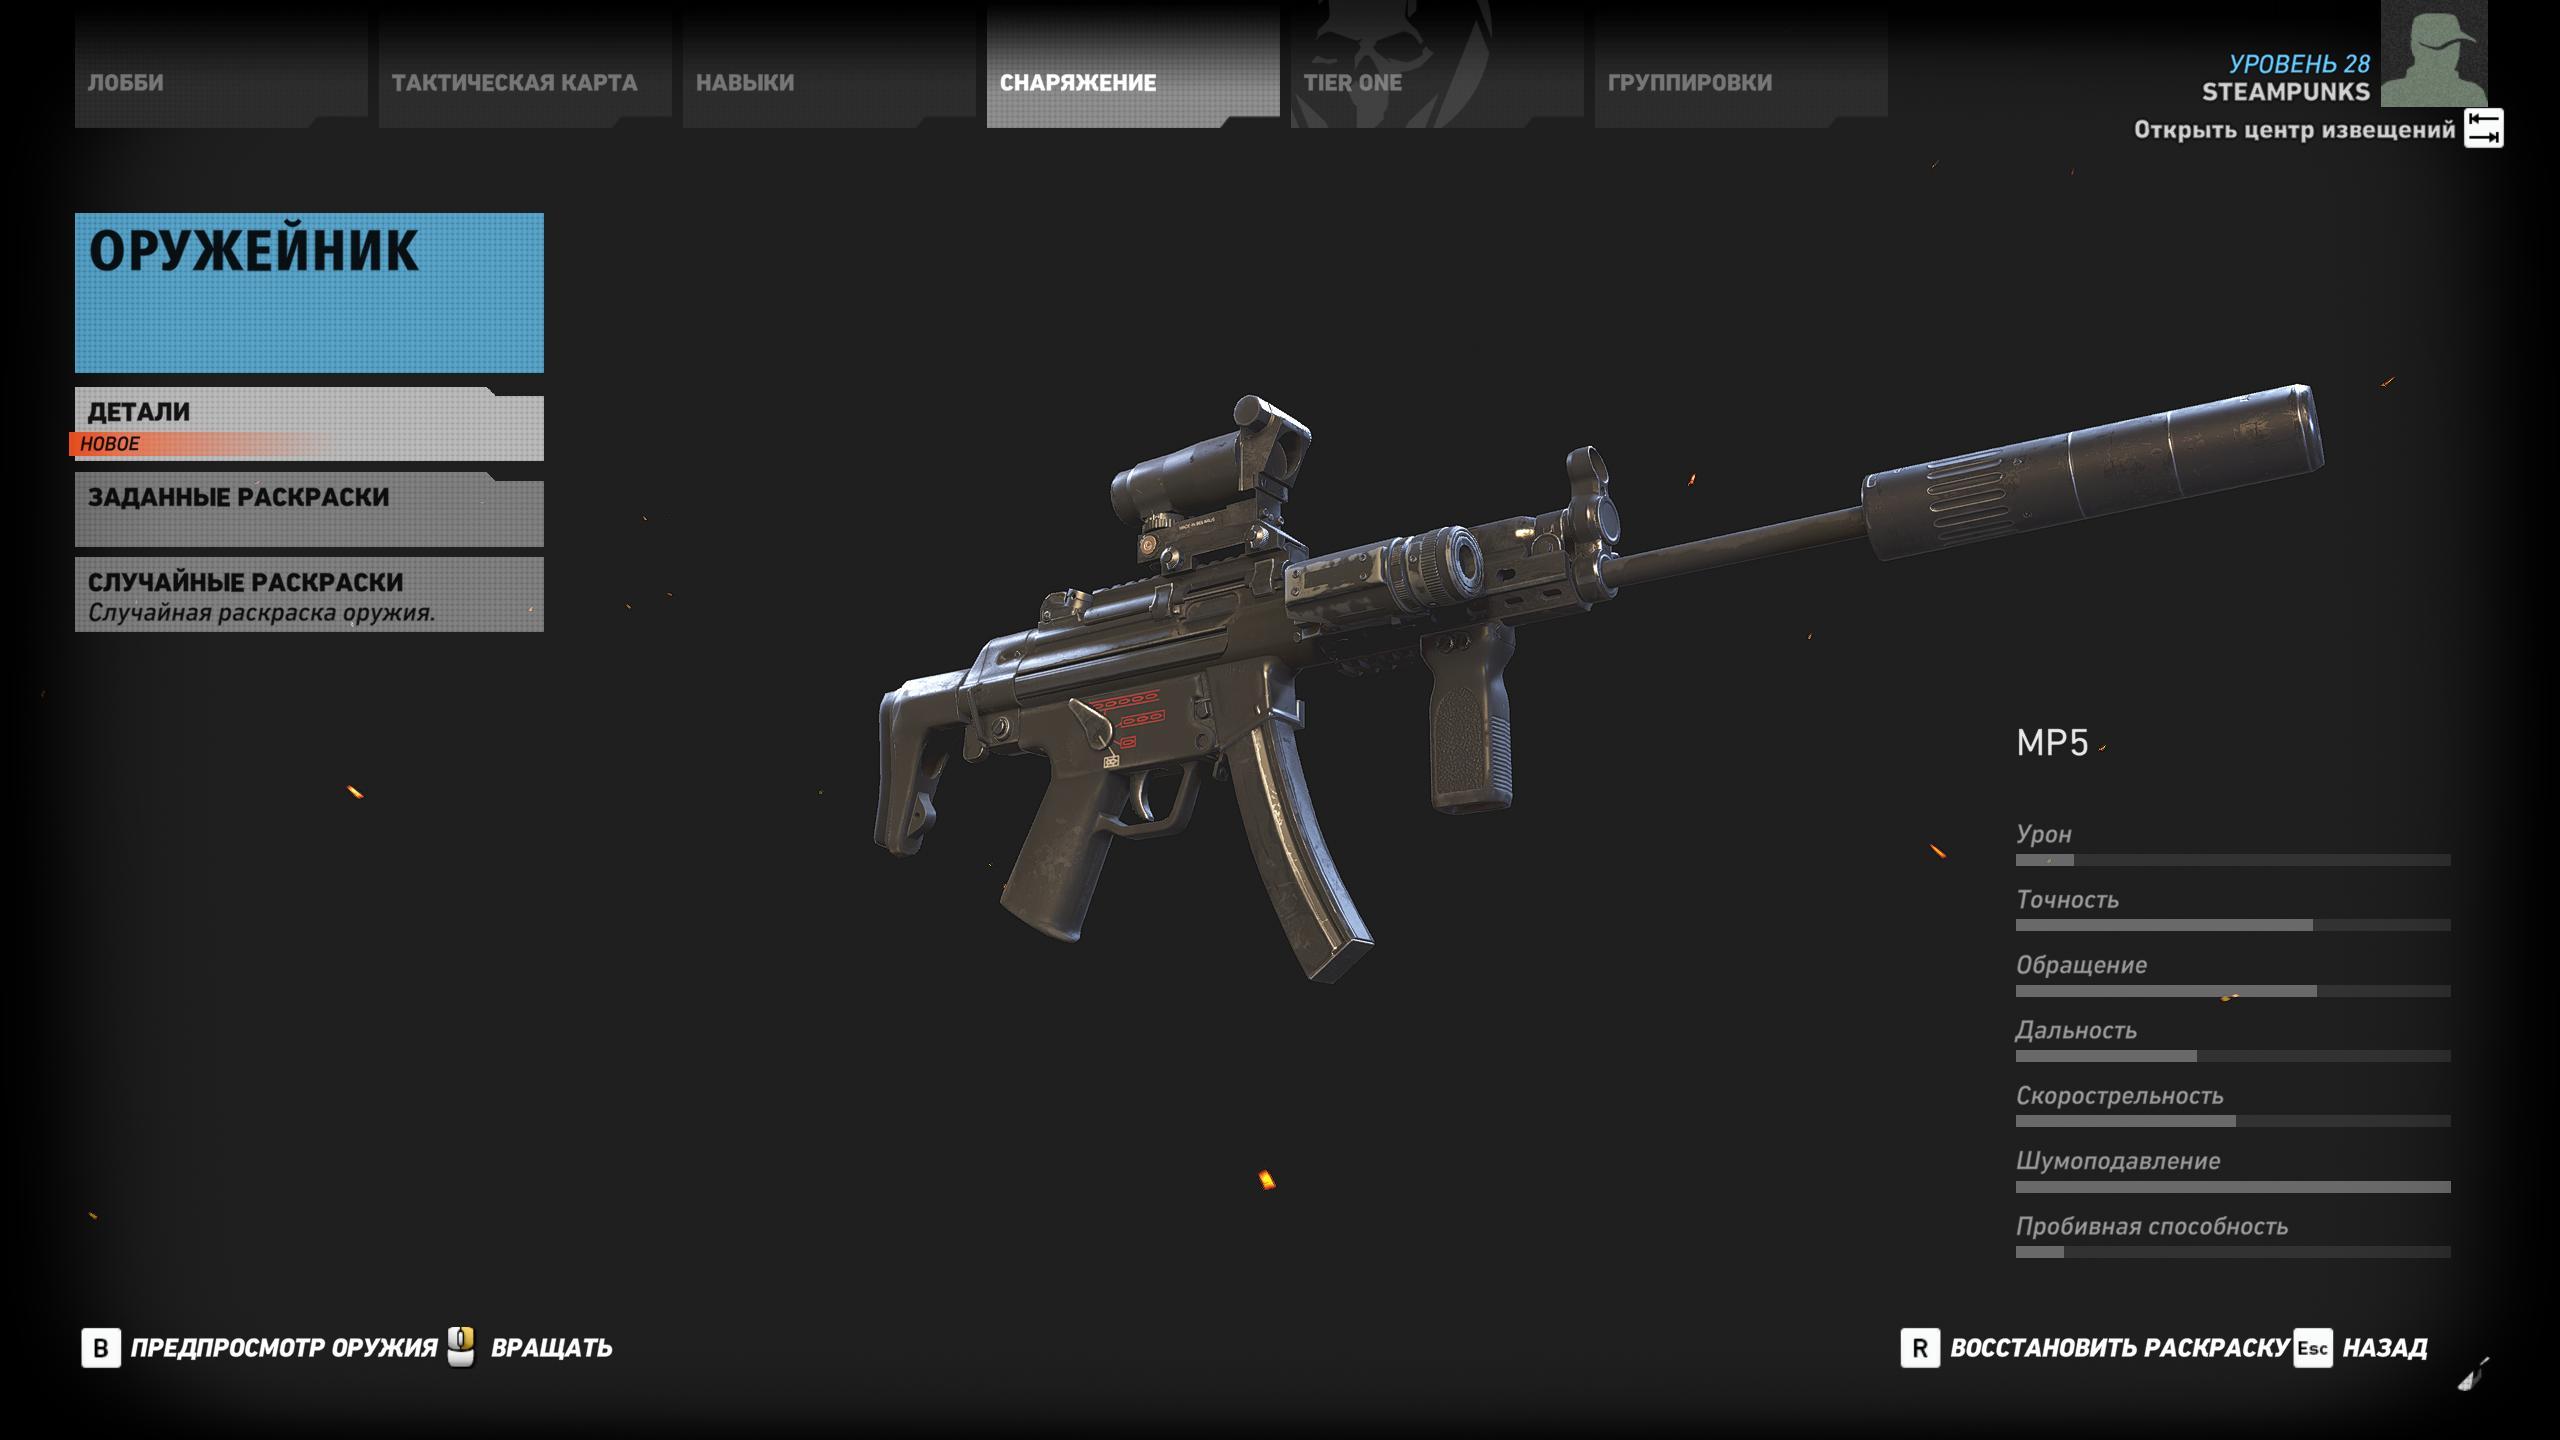 MP5 - Tom Clancy's Ghost Recon: Wildlands Оружие